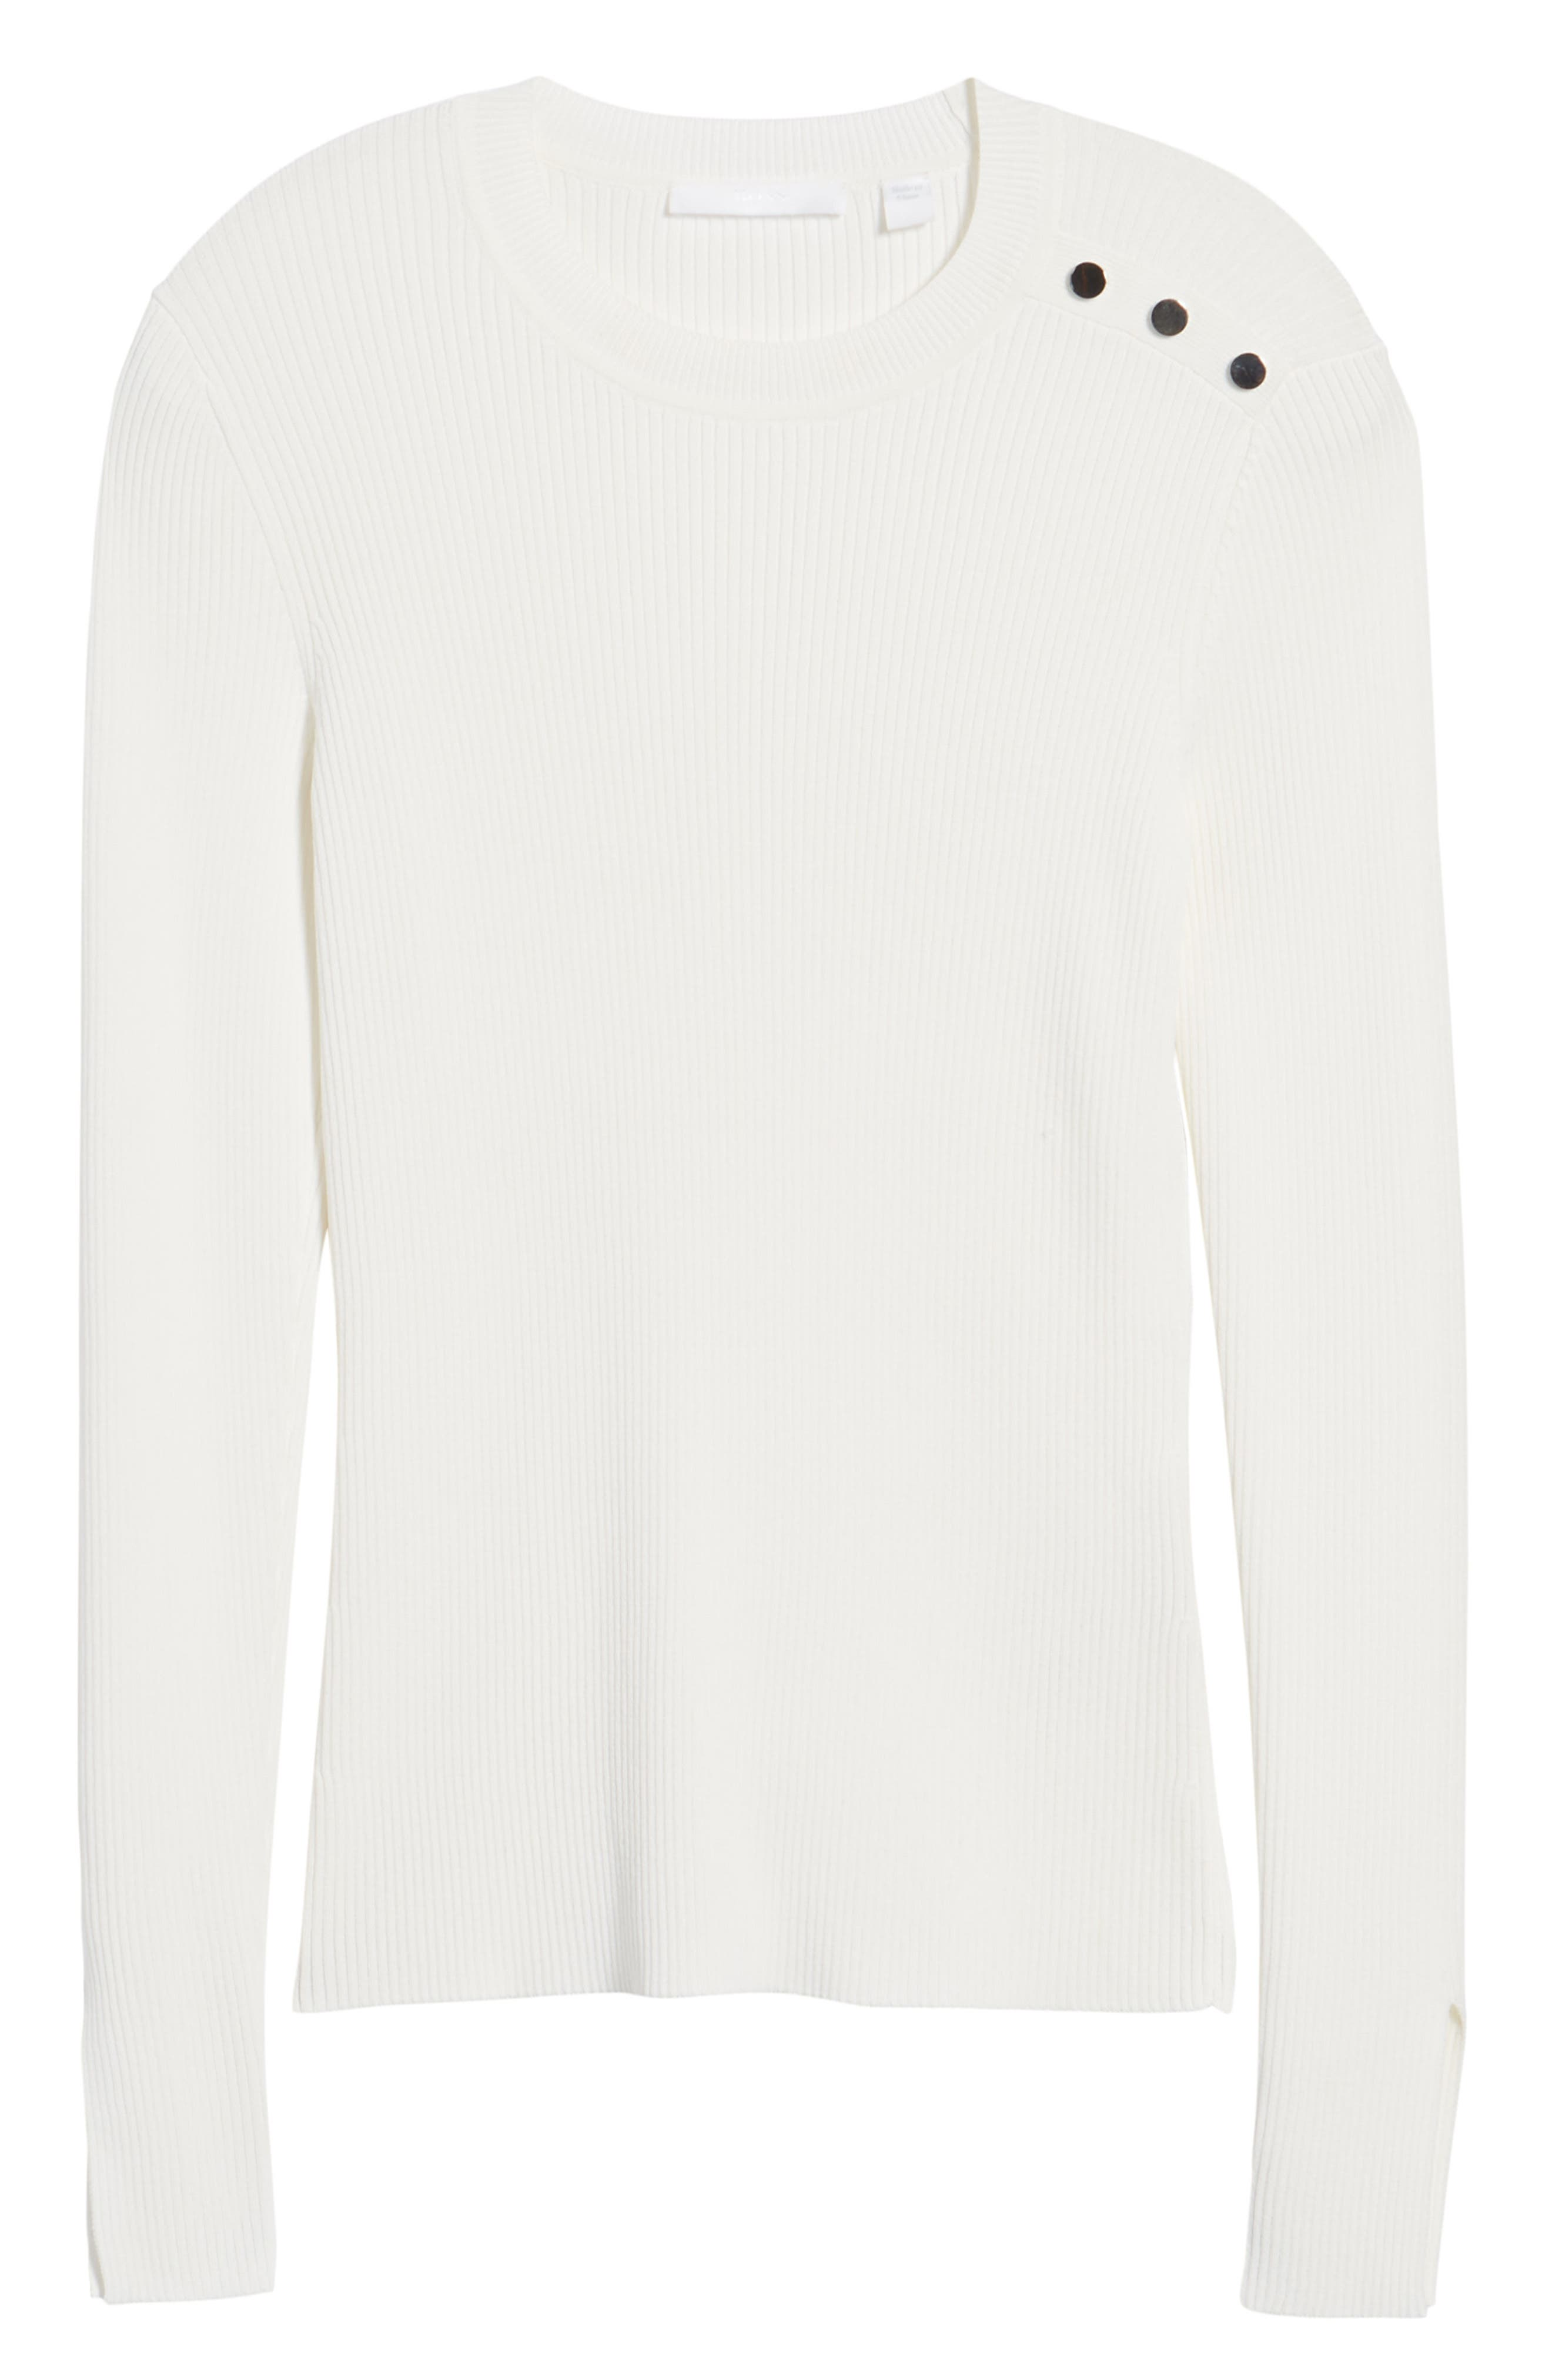 Fangeli Sweater,                             Alternate thumbnail 6, color,                             Vanilla Light